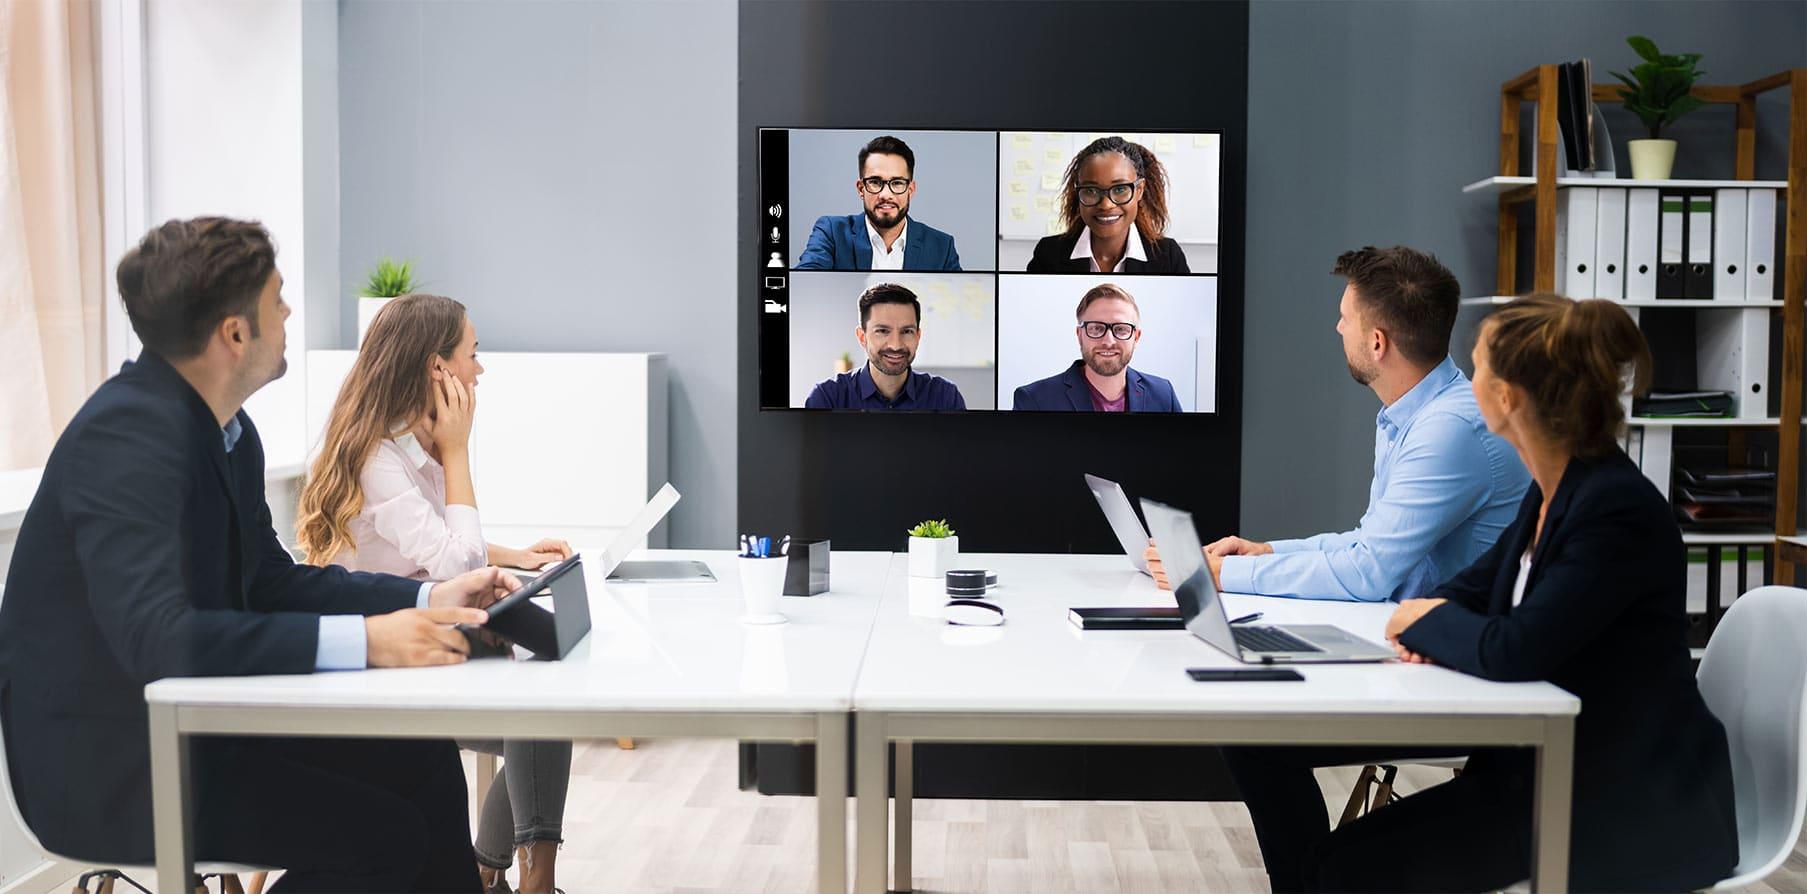 Konferenzraum Intergration Videokonferenz